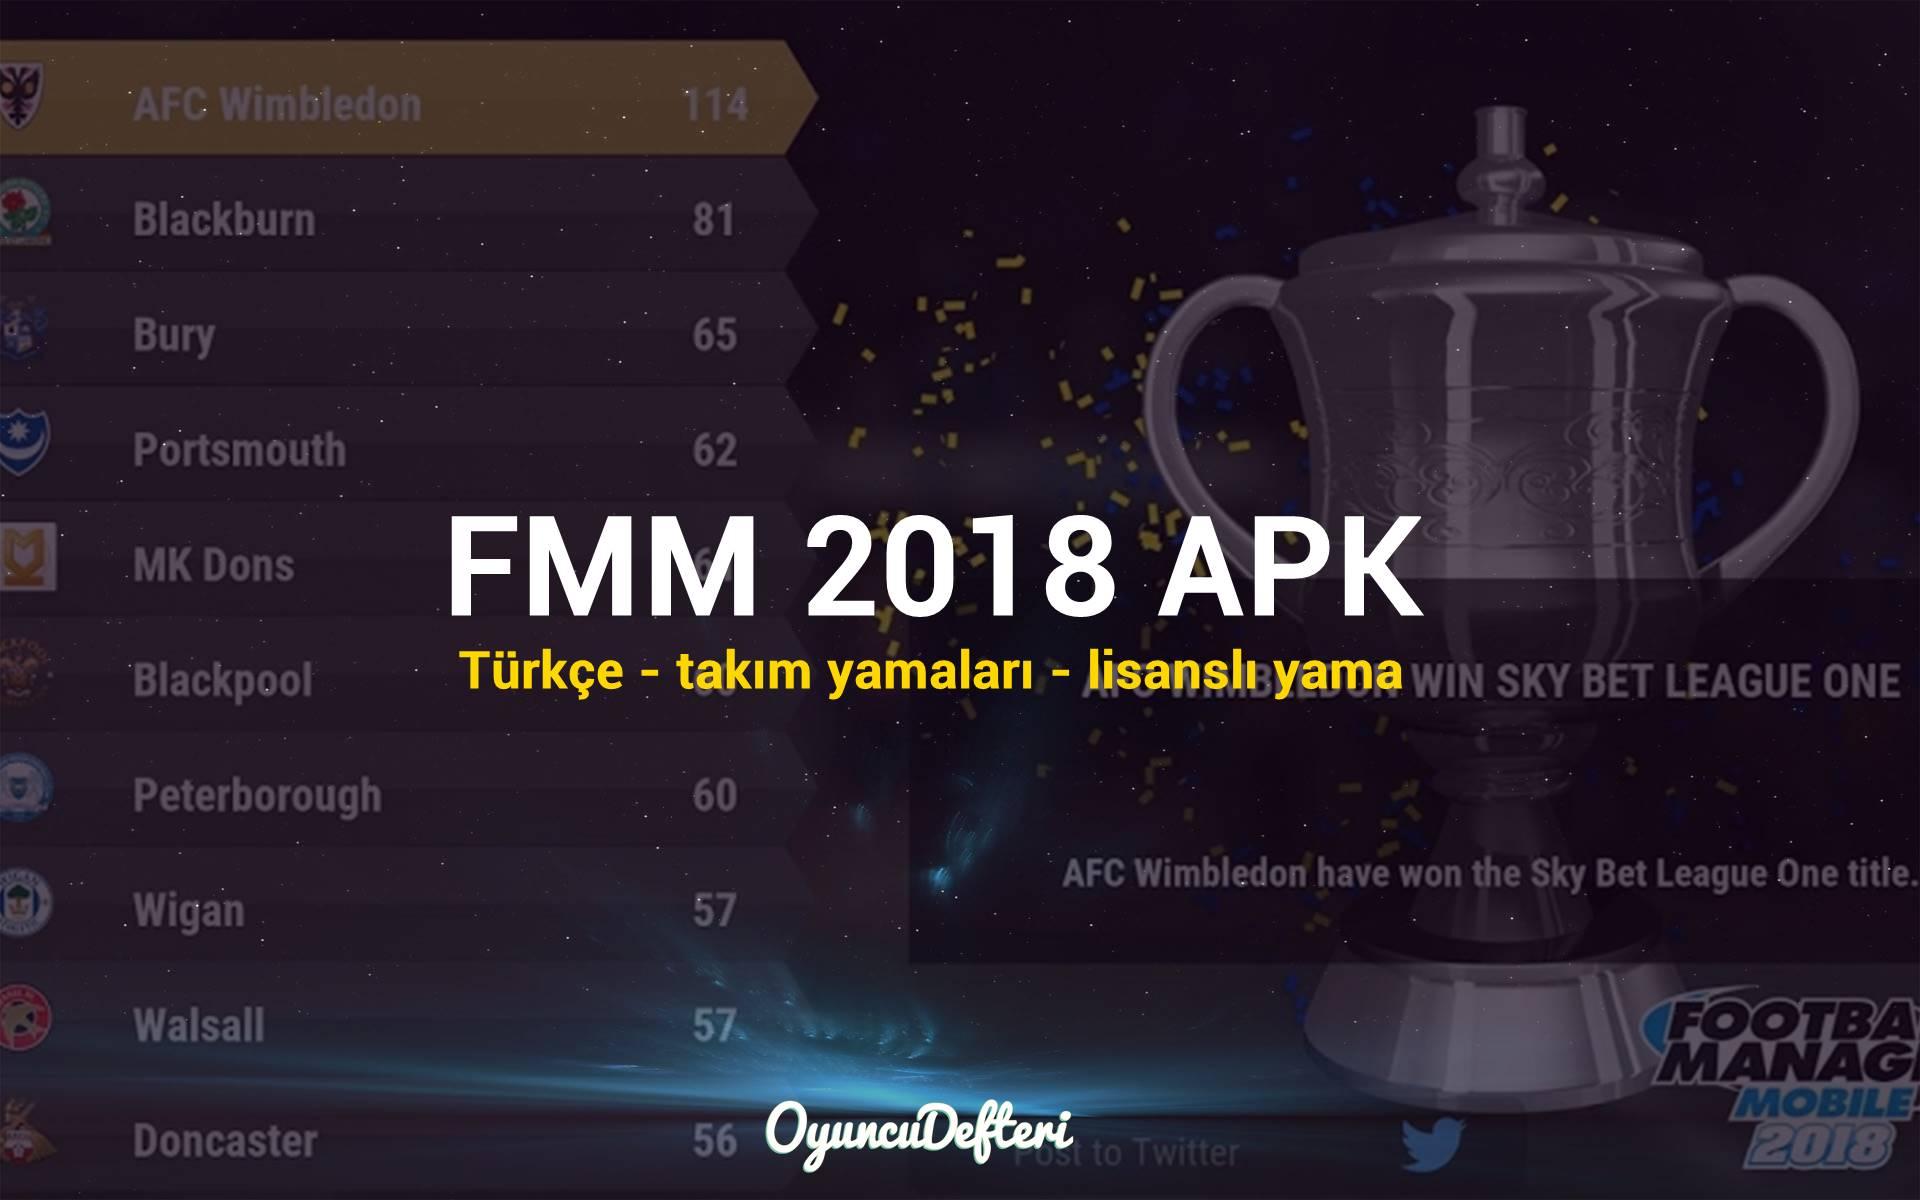 FMM 2018 APK - Türkçe - Lisanslı Yama » Oyuncu Defteri